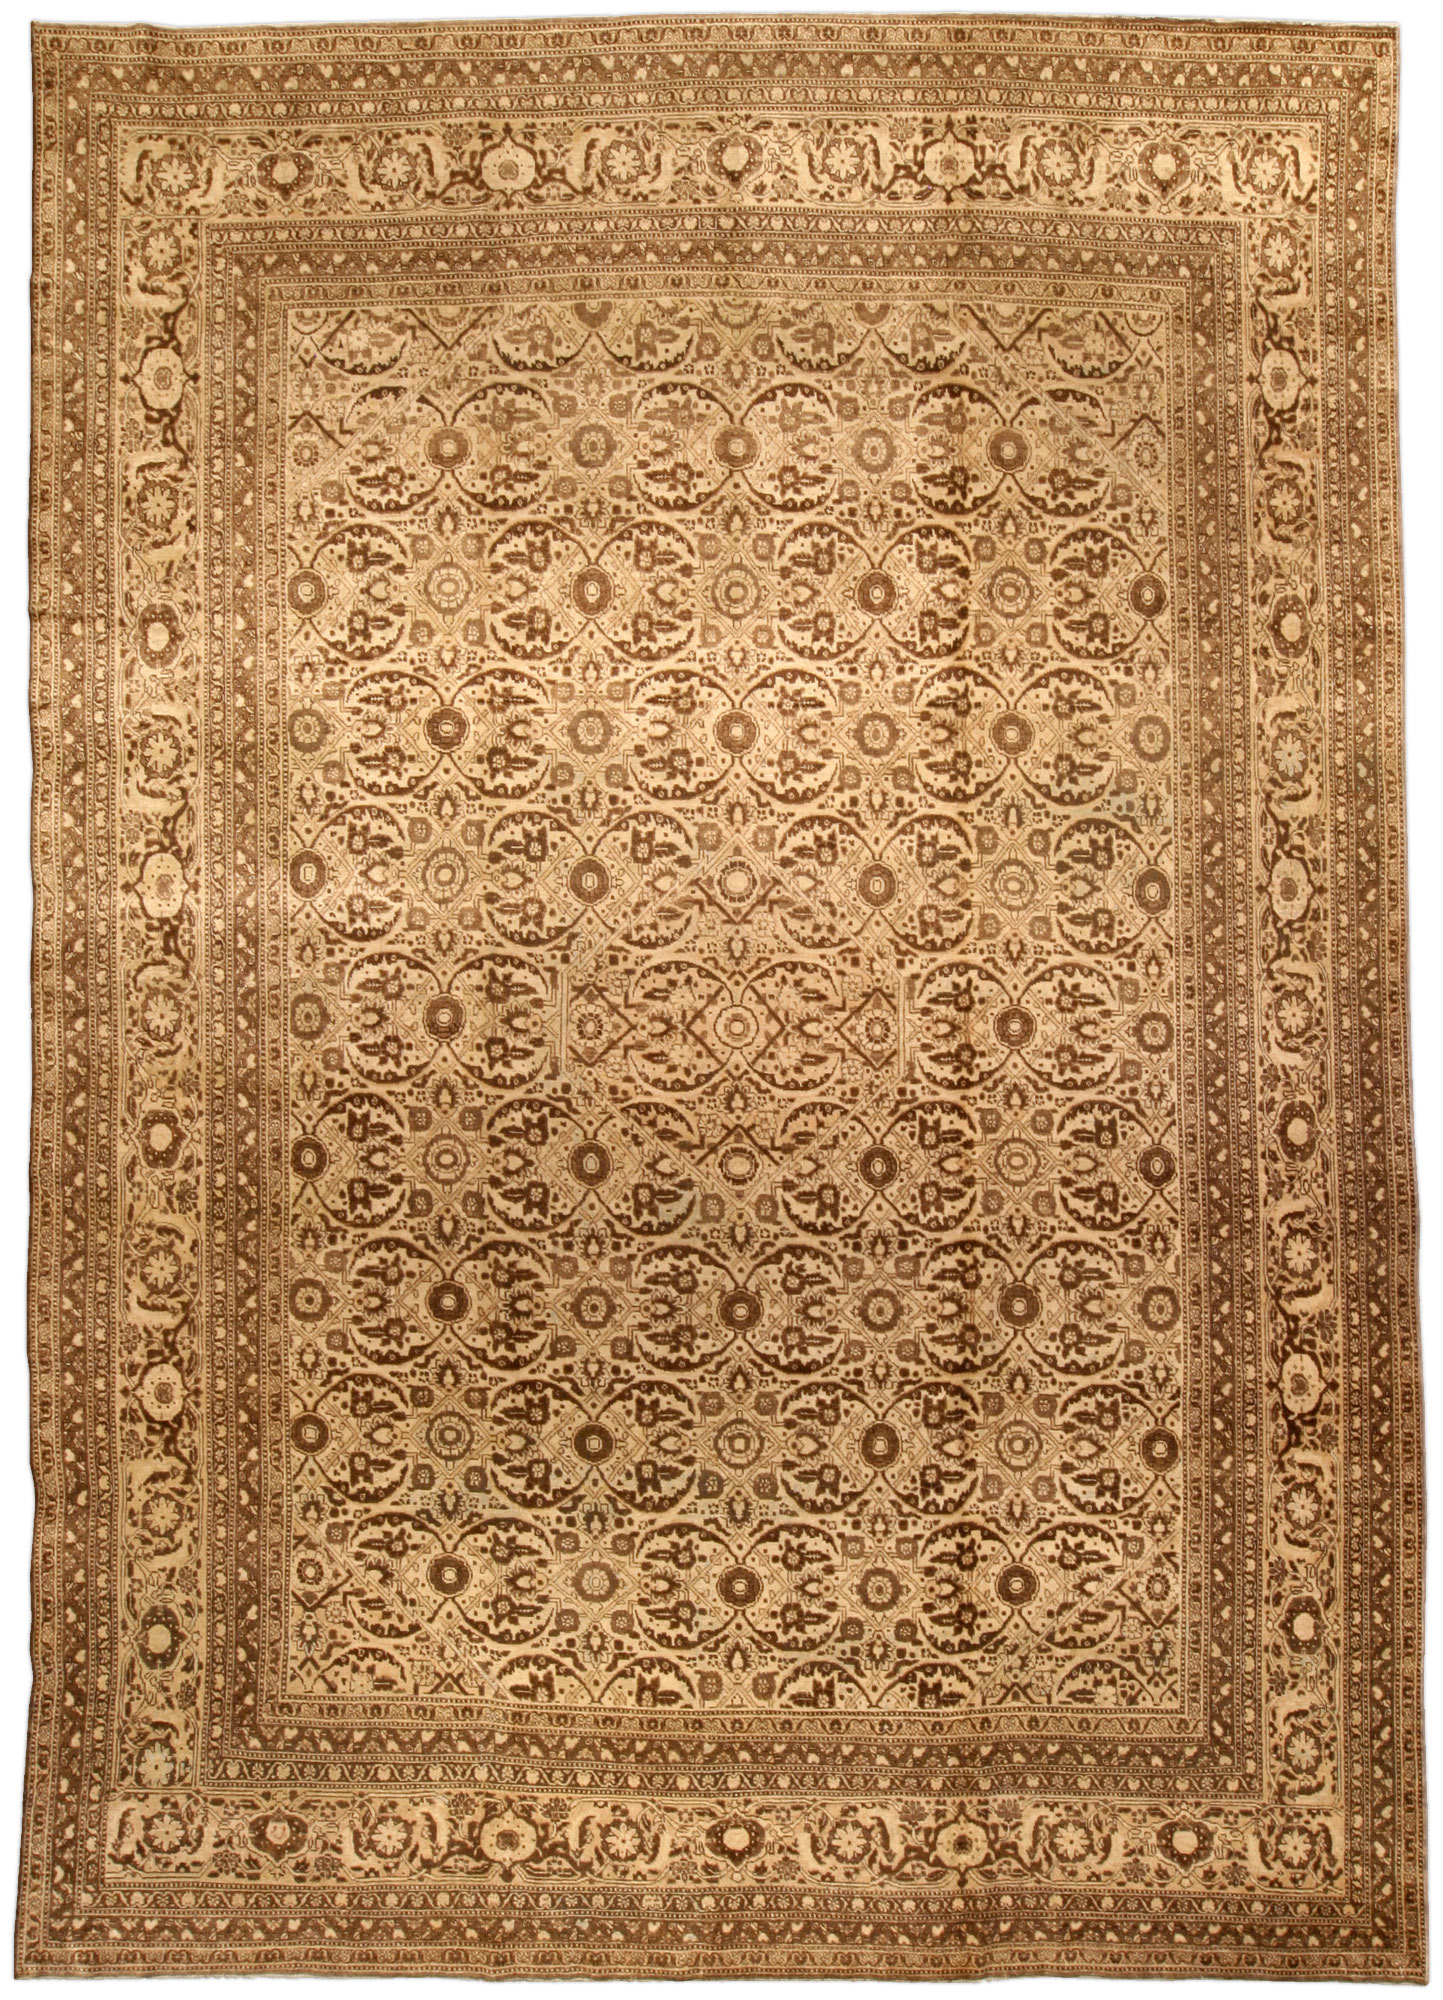 Antique Persian Tabriz Carpet Bb1484 By Doris Leslie Blau